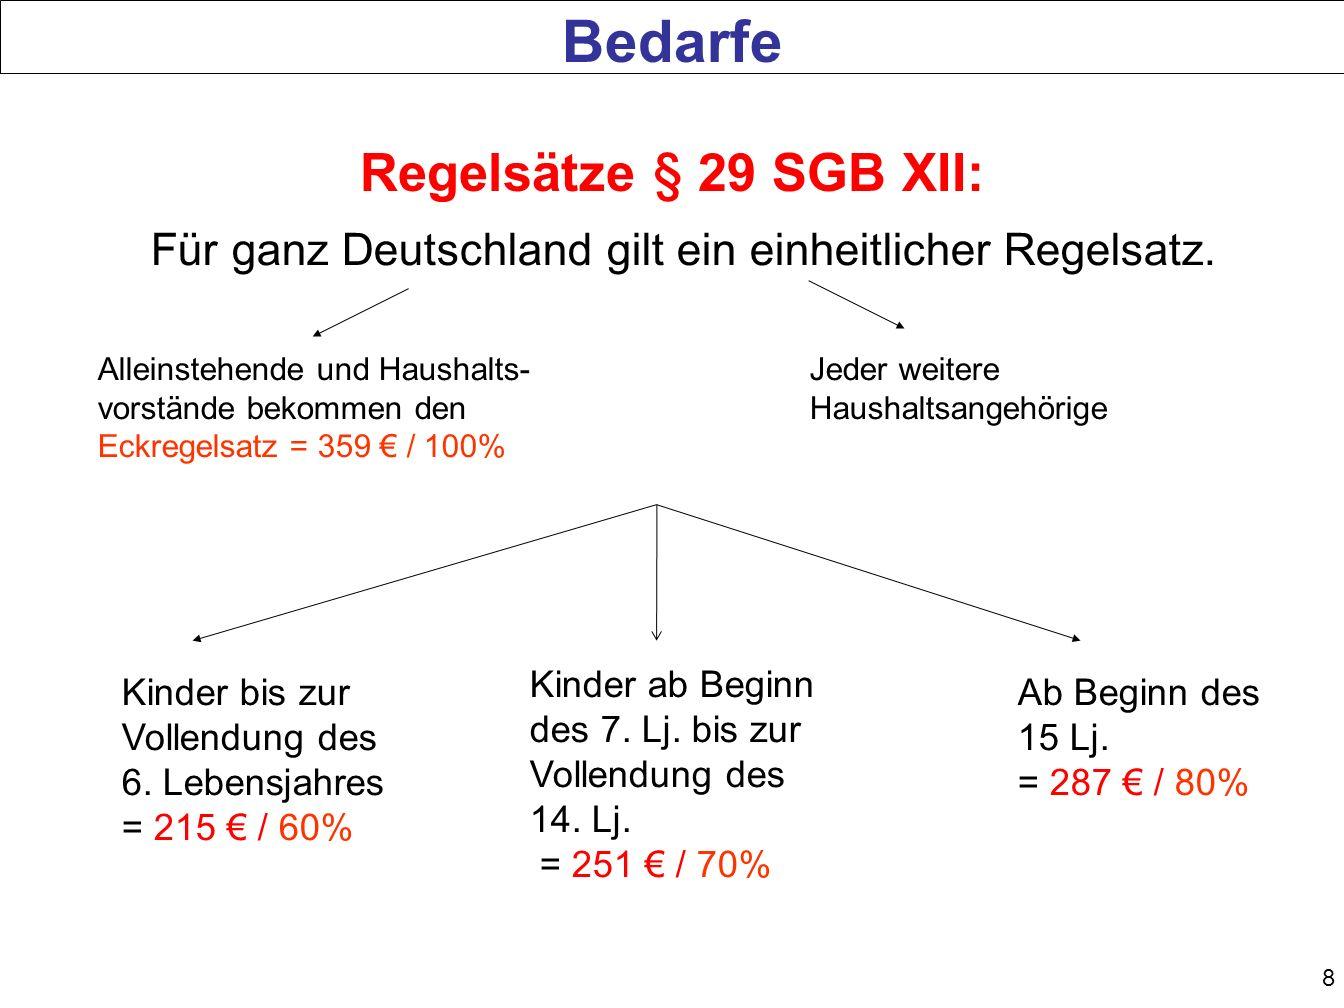 Für ganz Deutschland gilt ein einheitlicher Regelsatz.